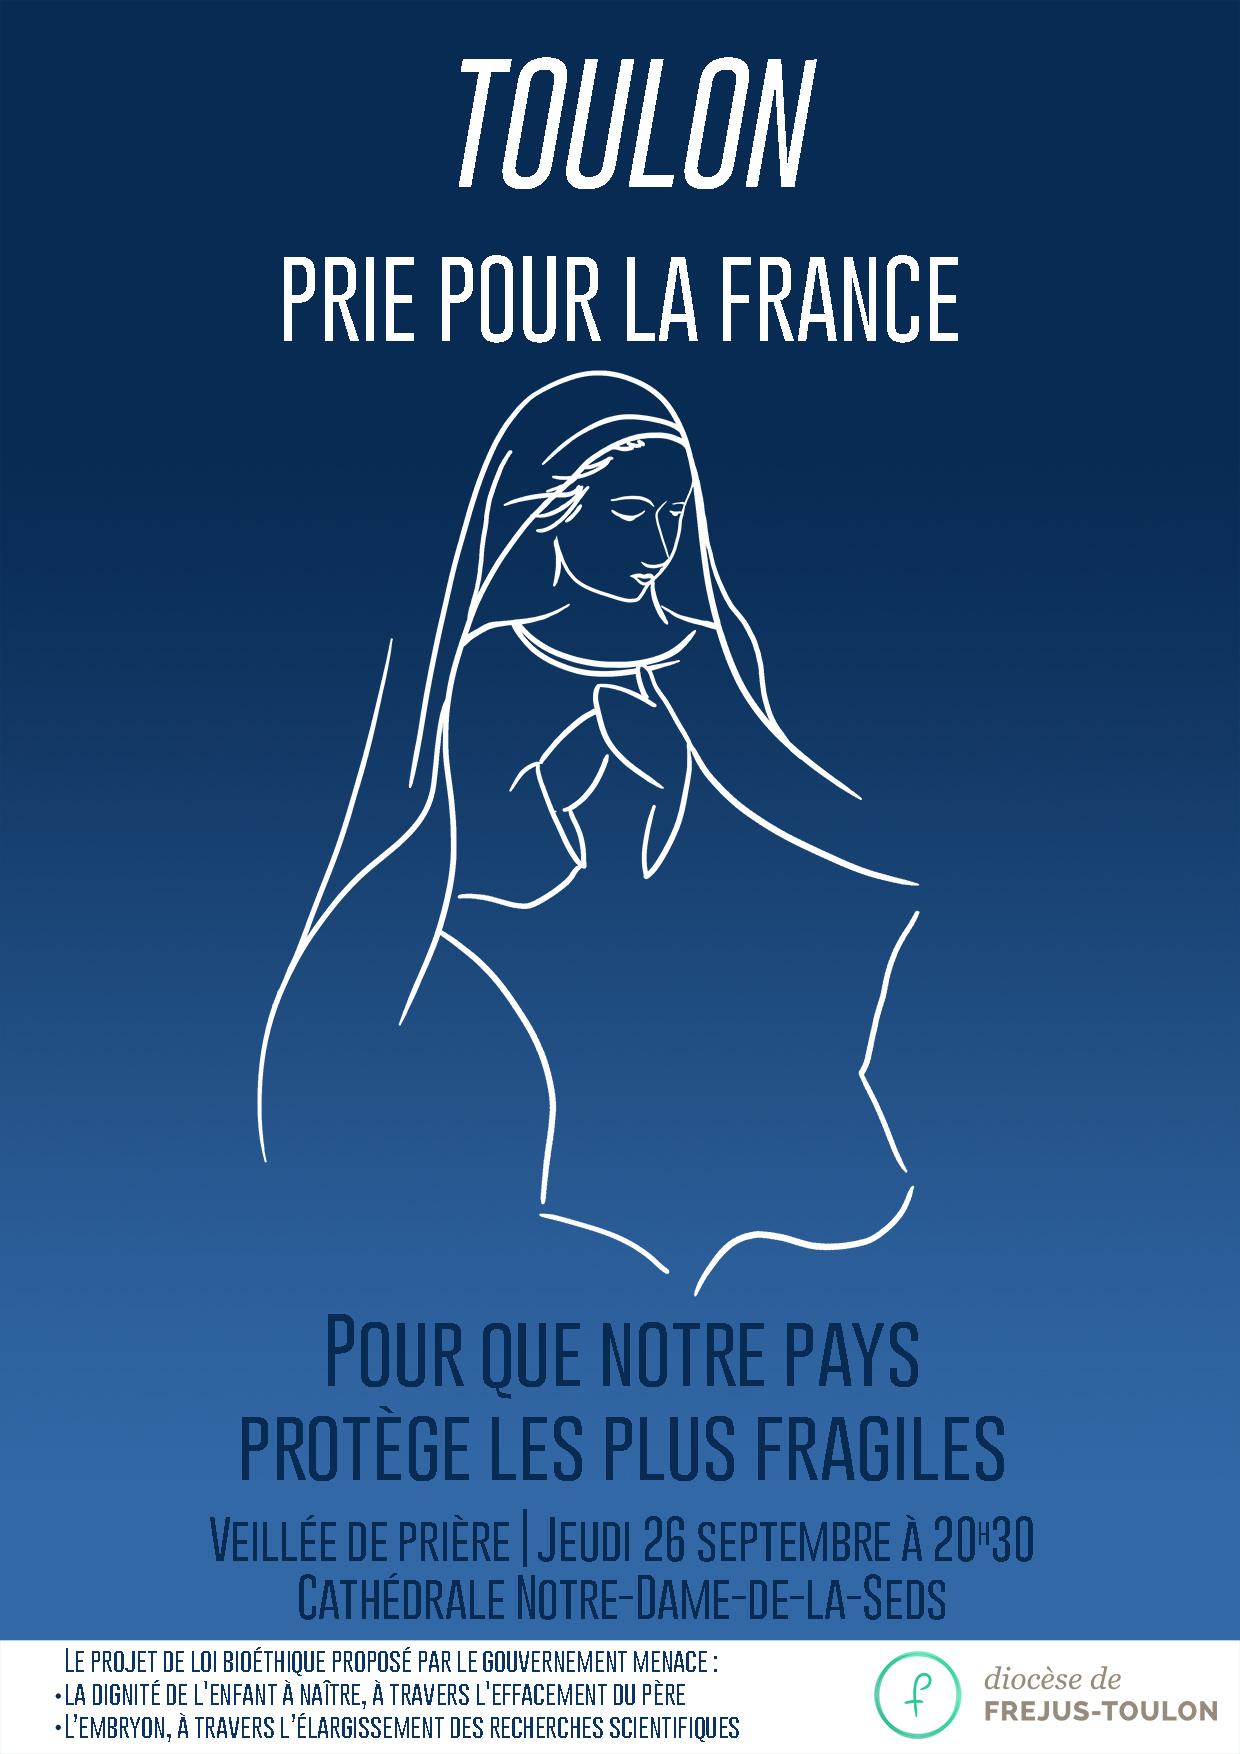 Toulon-prie-pour-la-France-WEB